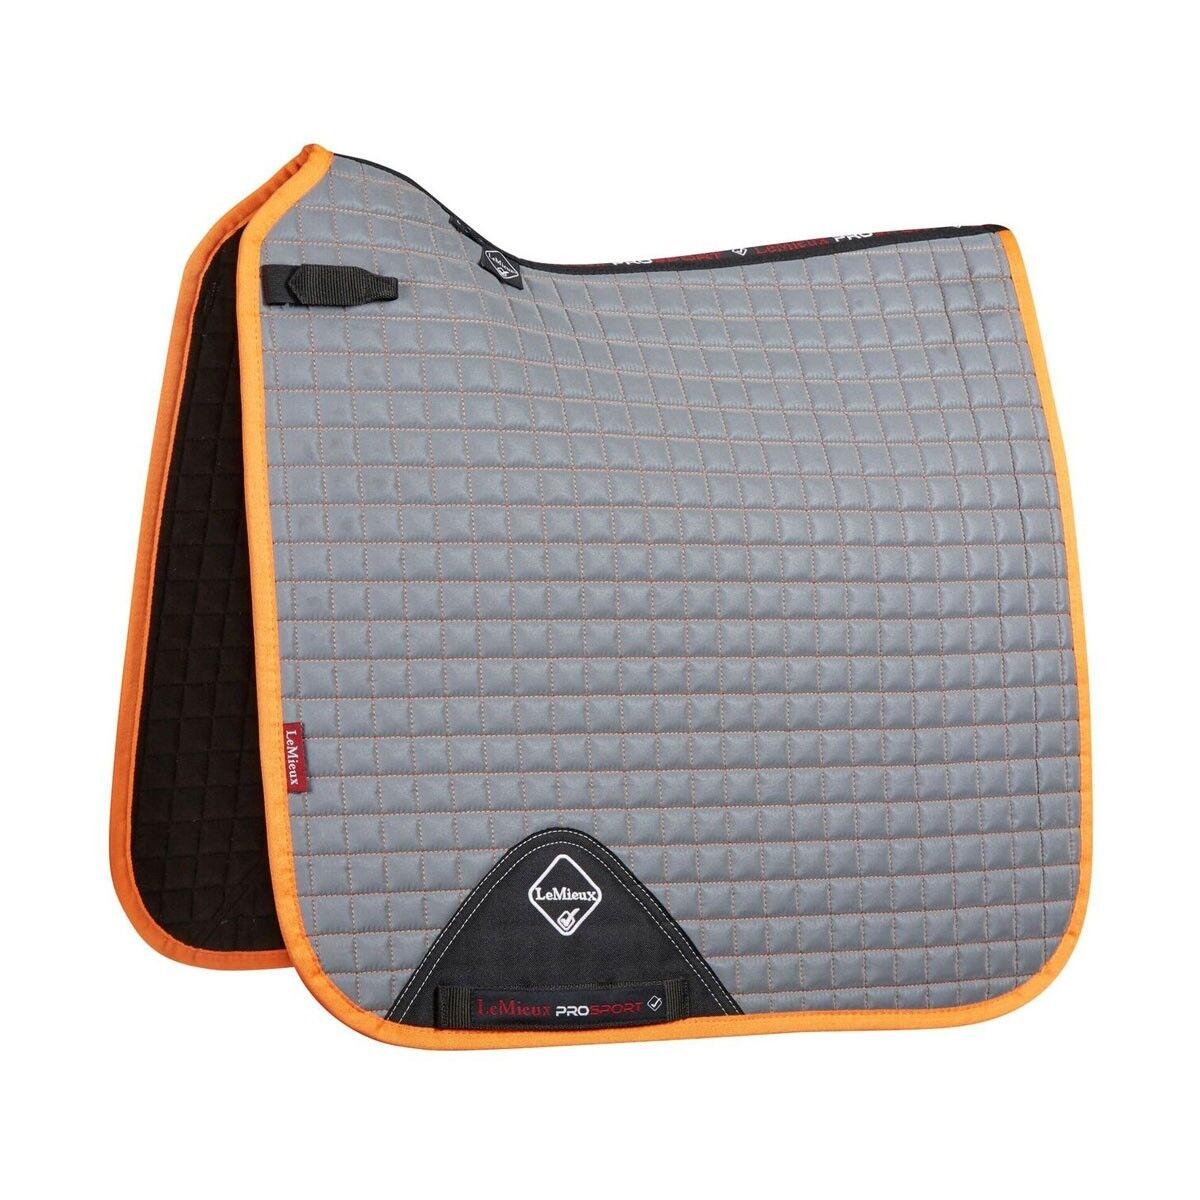 LeMieux High Visibility Dressage Square SaddlePad Reflective maximise riding saf